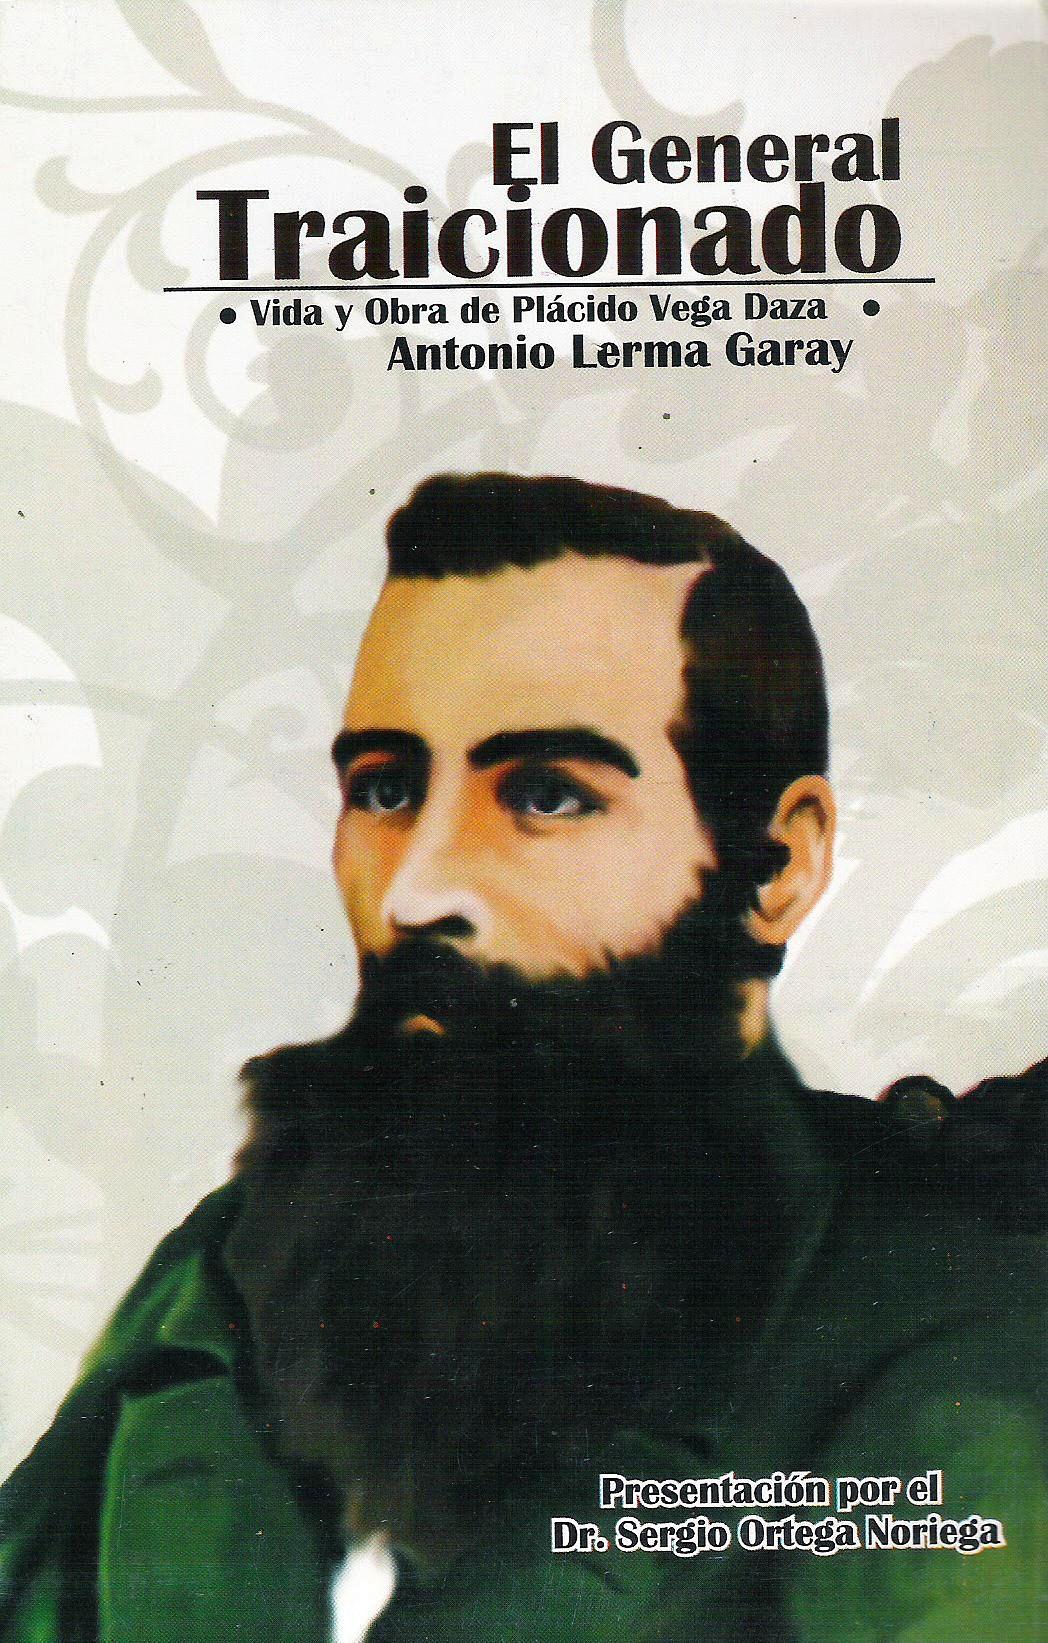 El general traicionado (vida y obra de Plcido Vega Daza)